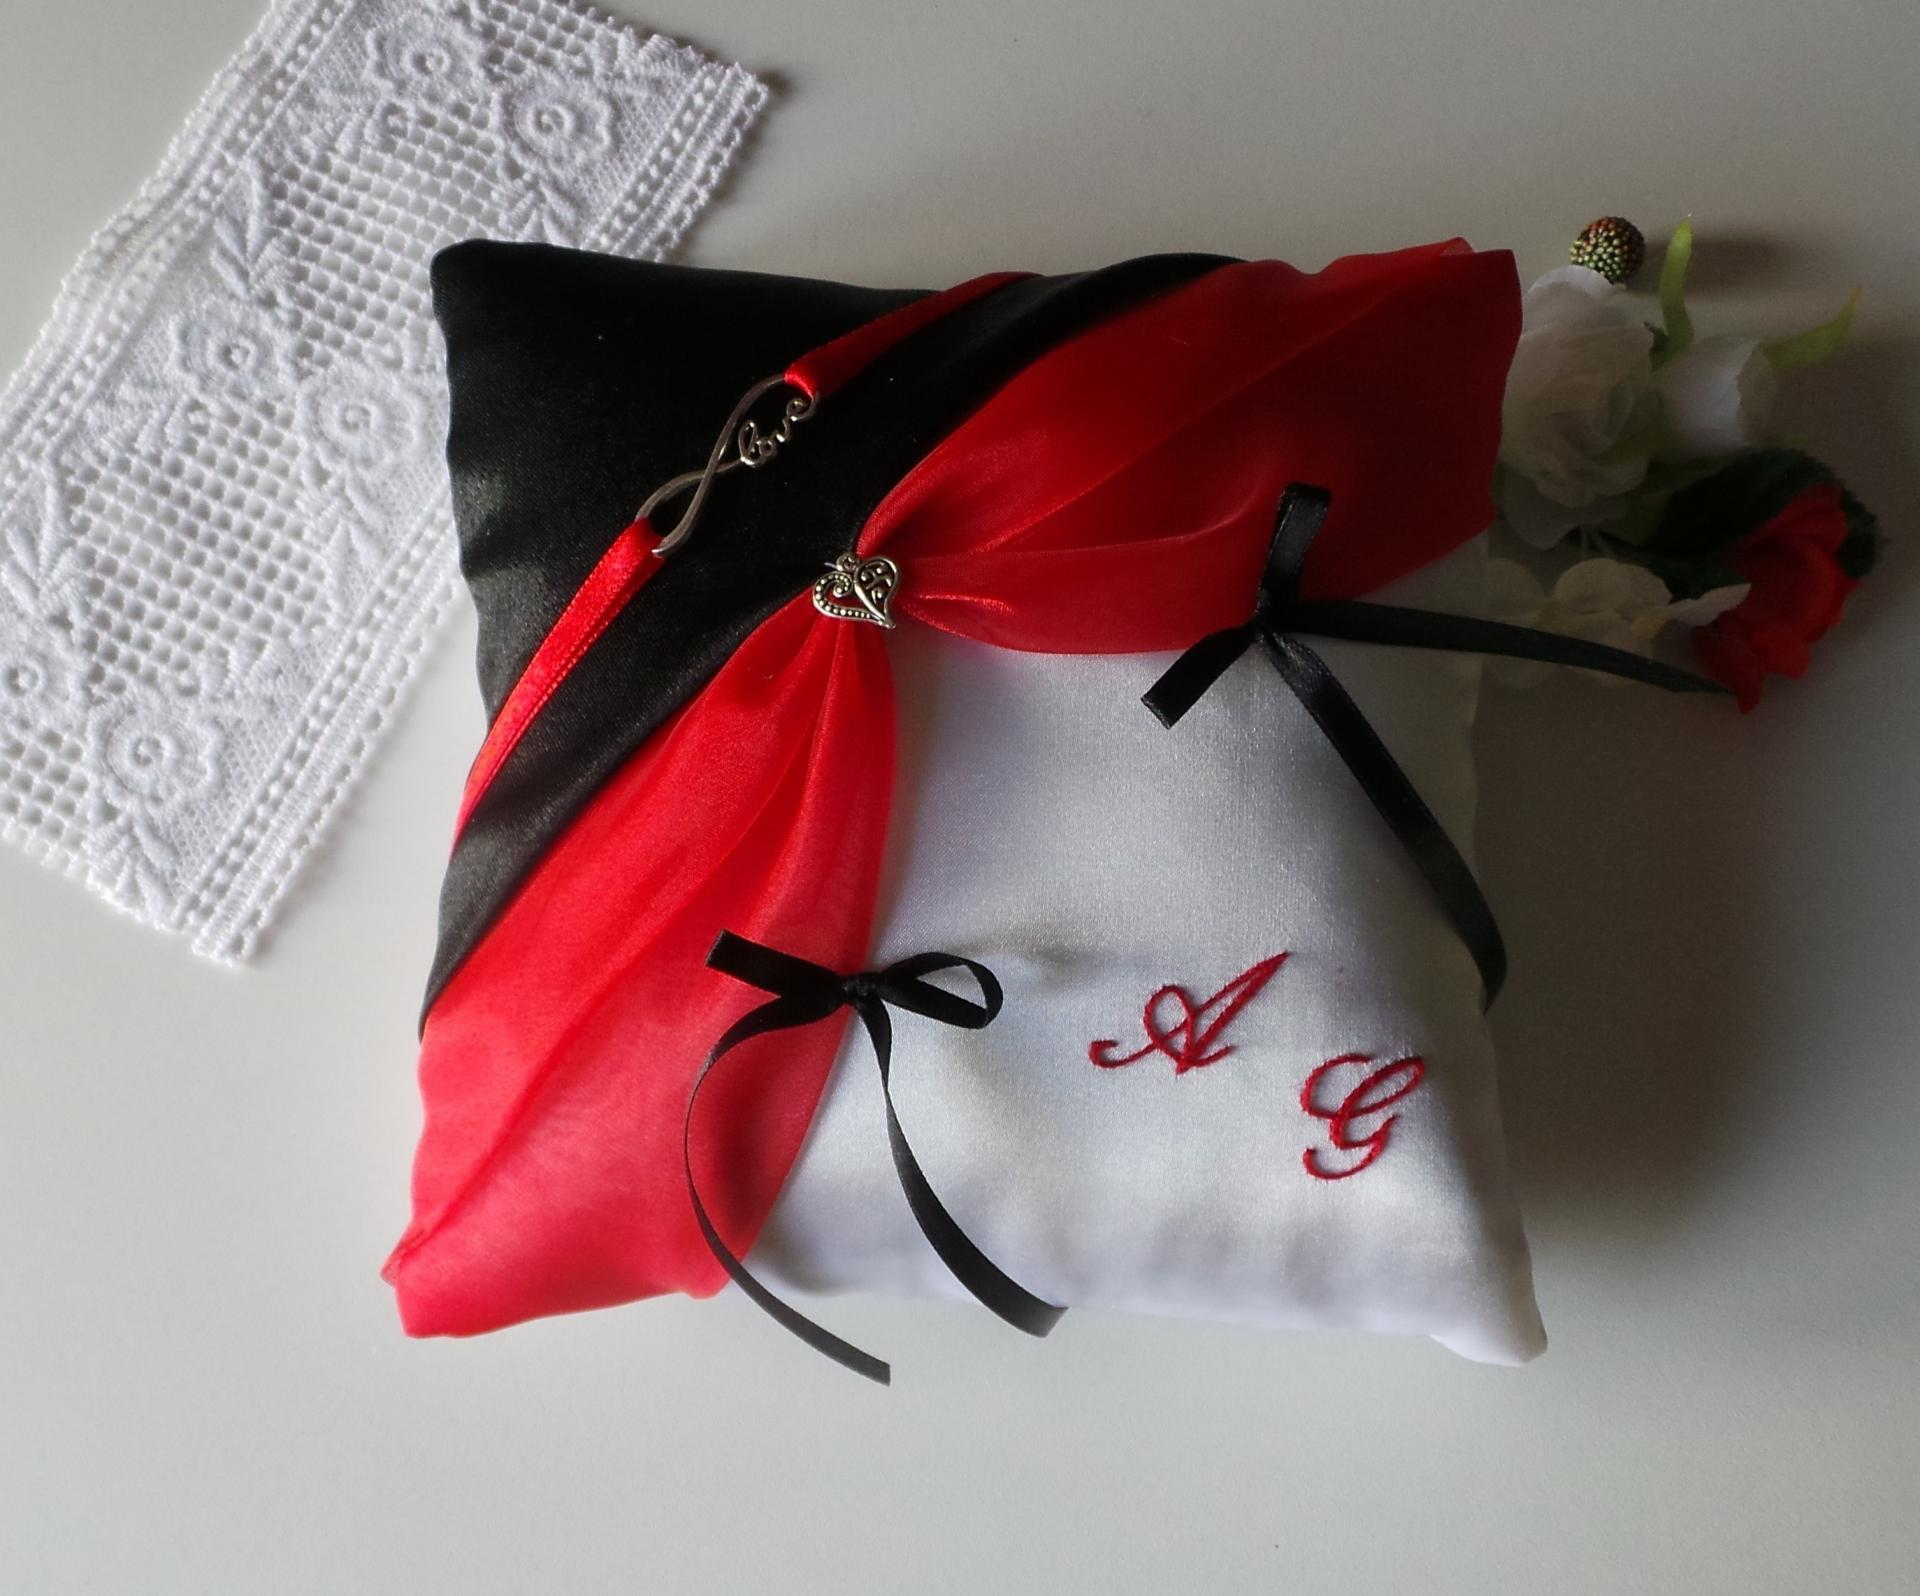 Coussin porte alliance noir rouge blanc ivoire personnalise